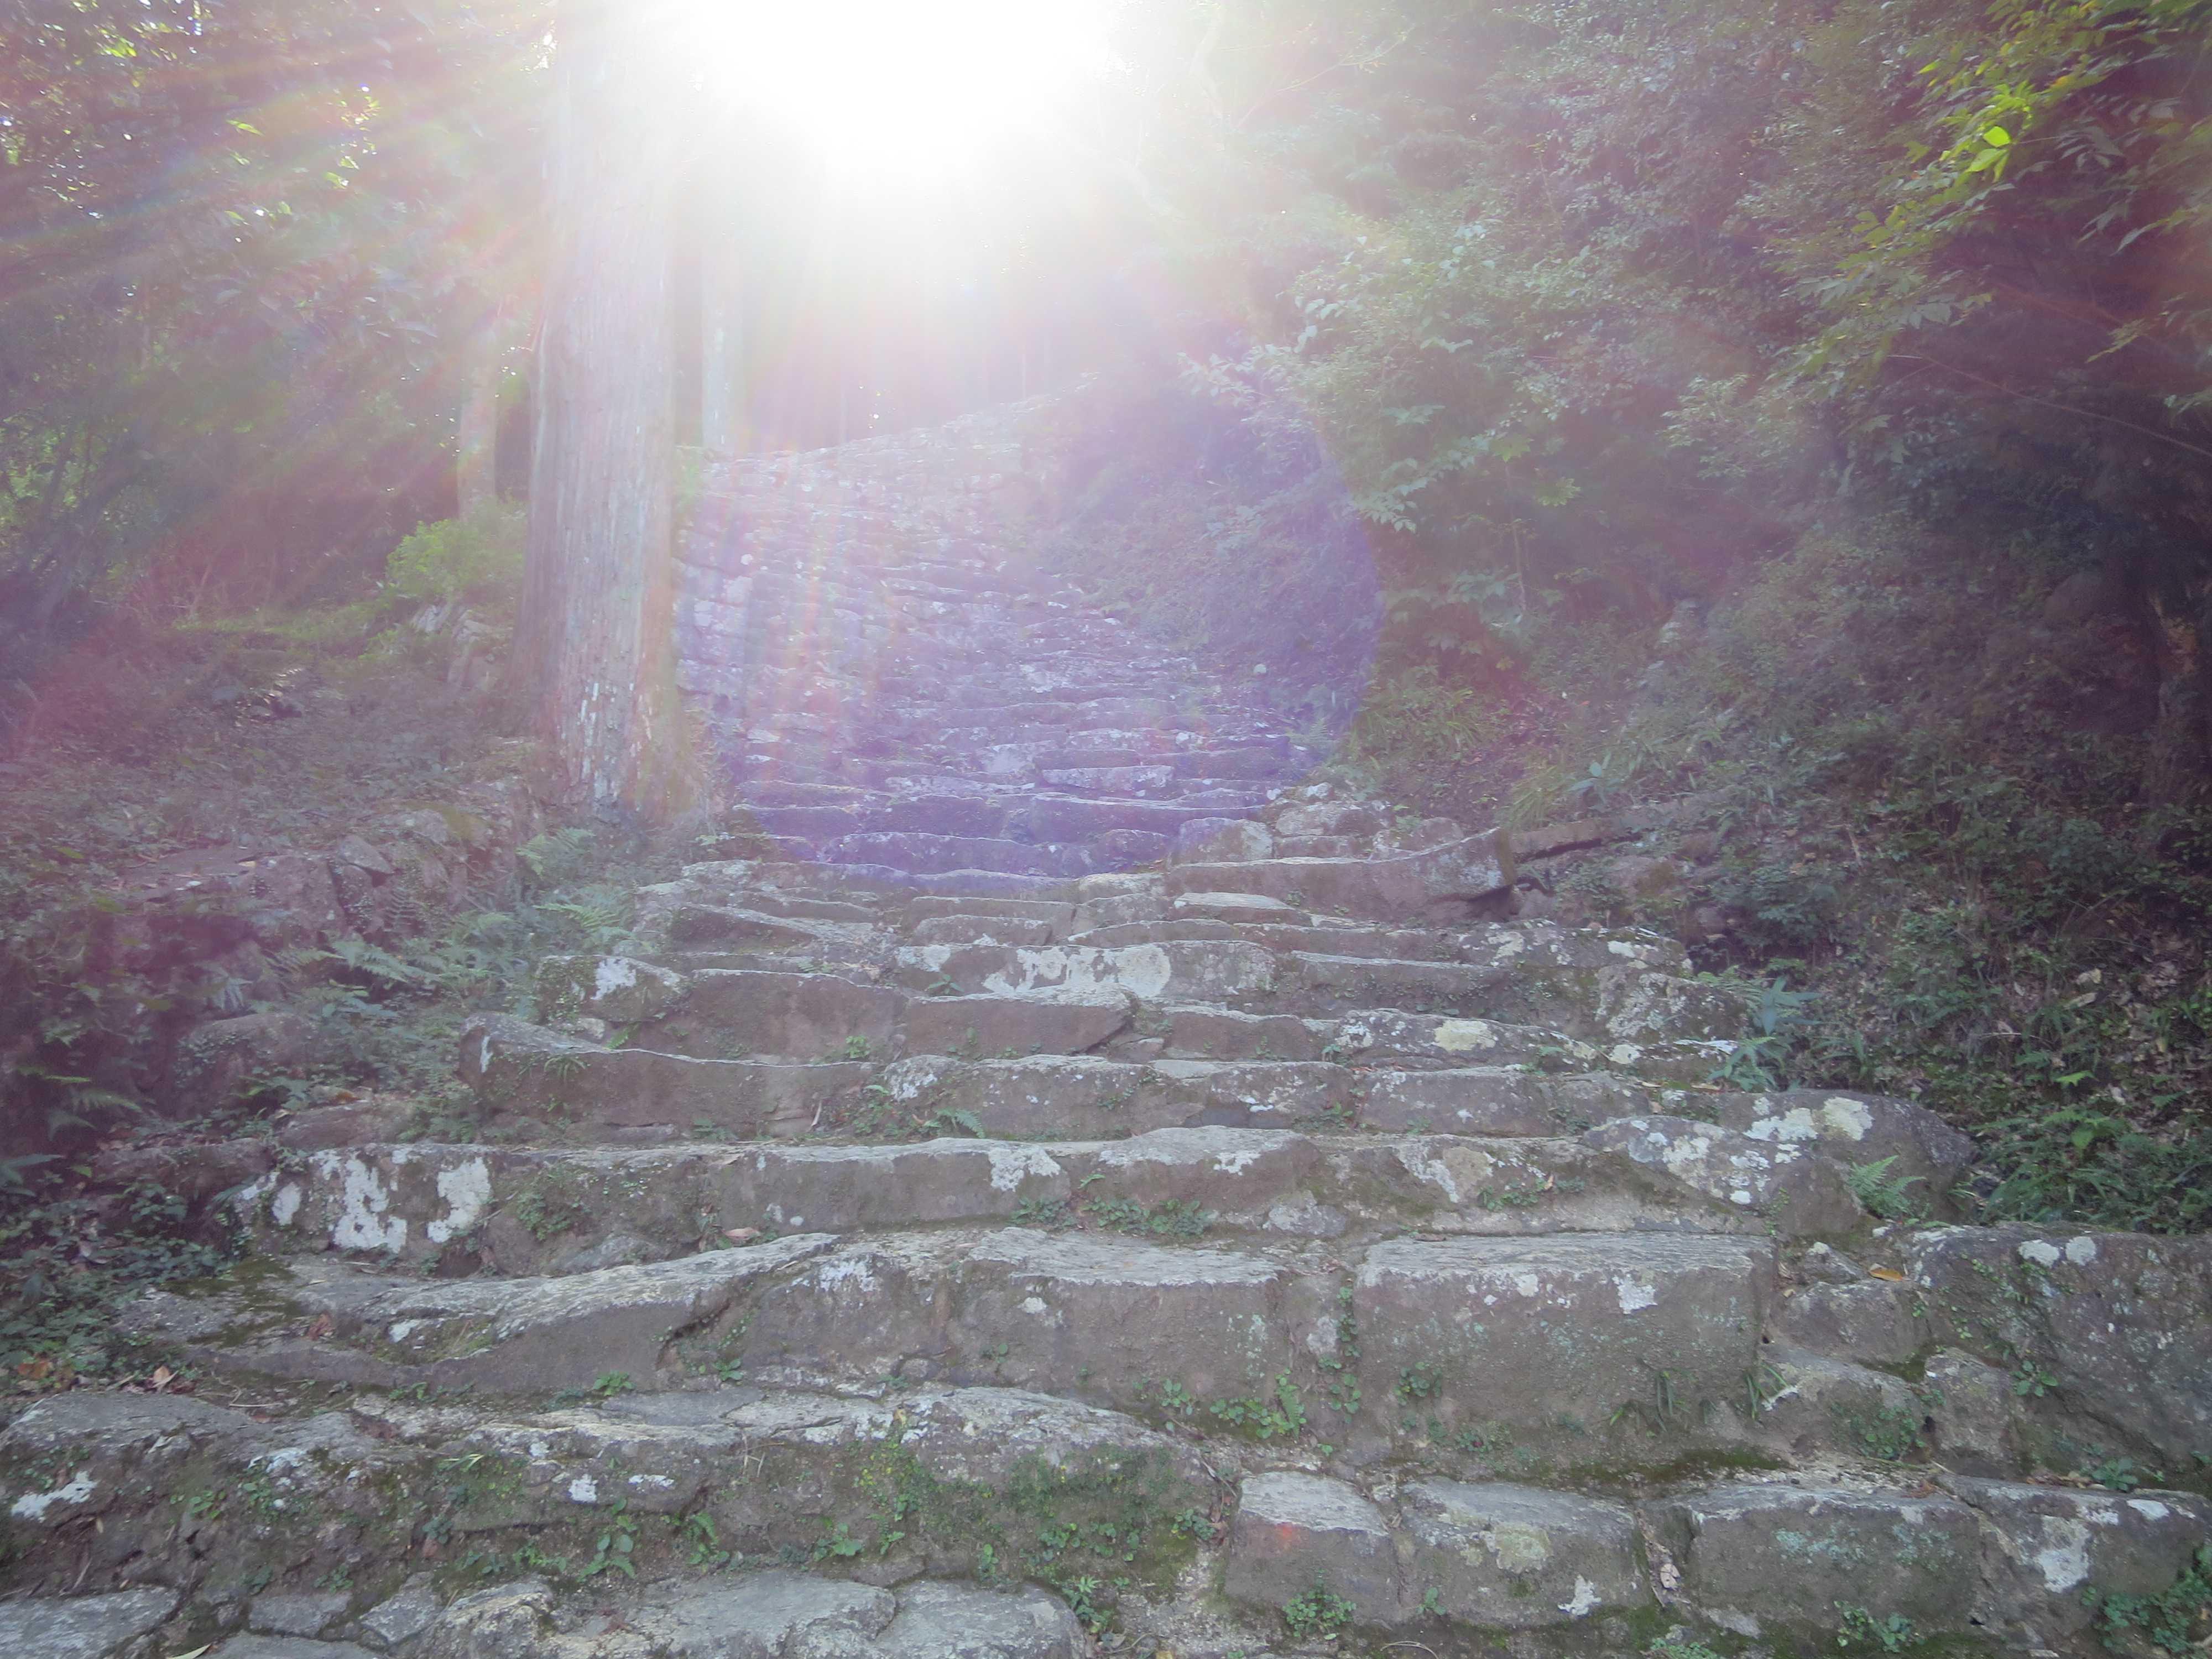 神倉神社(神倉山)の鎌倉式石段